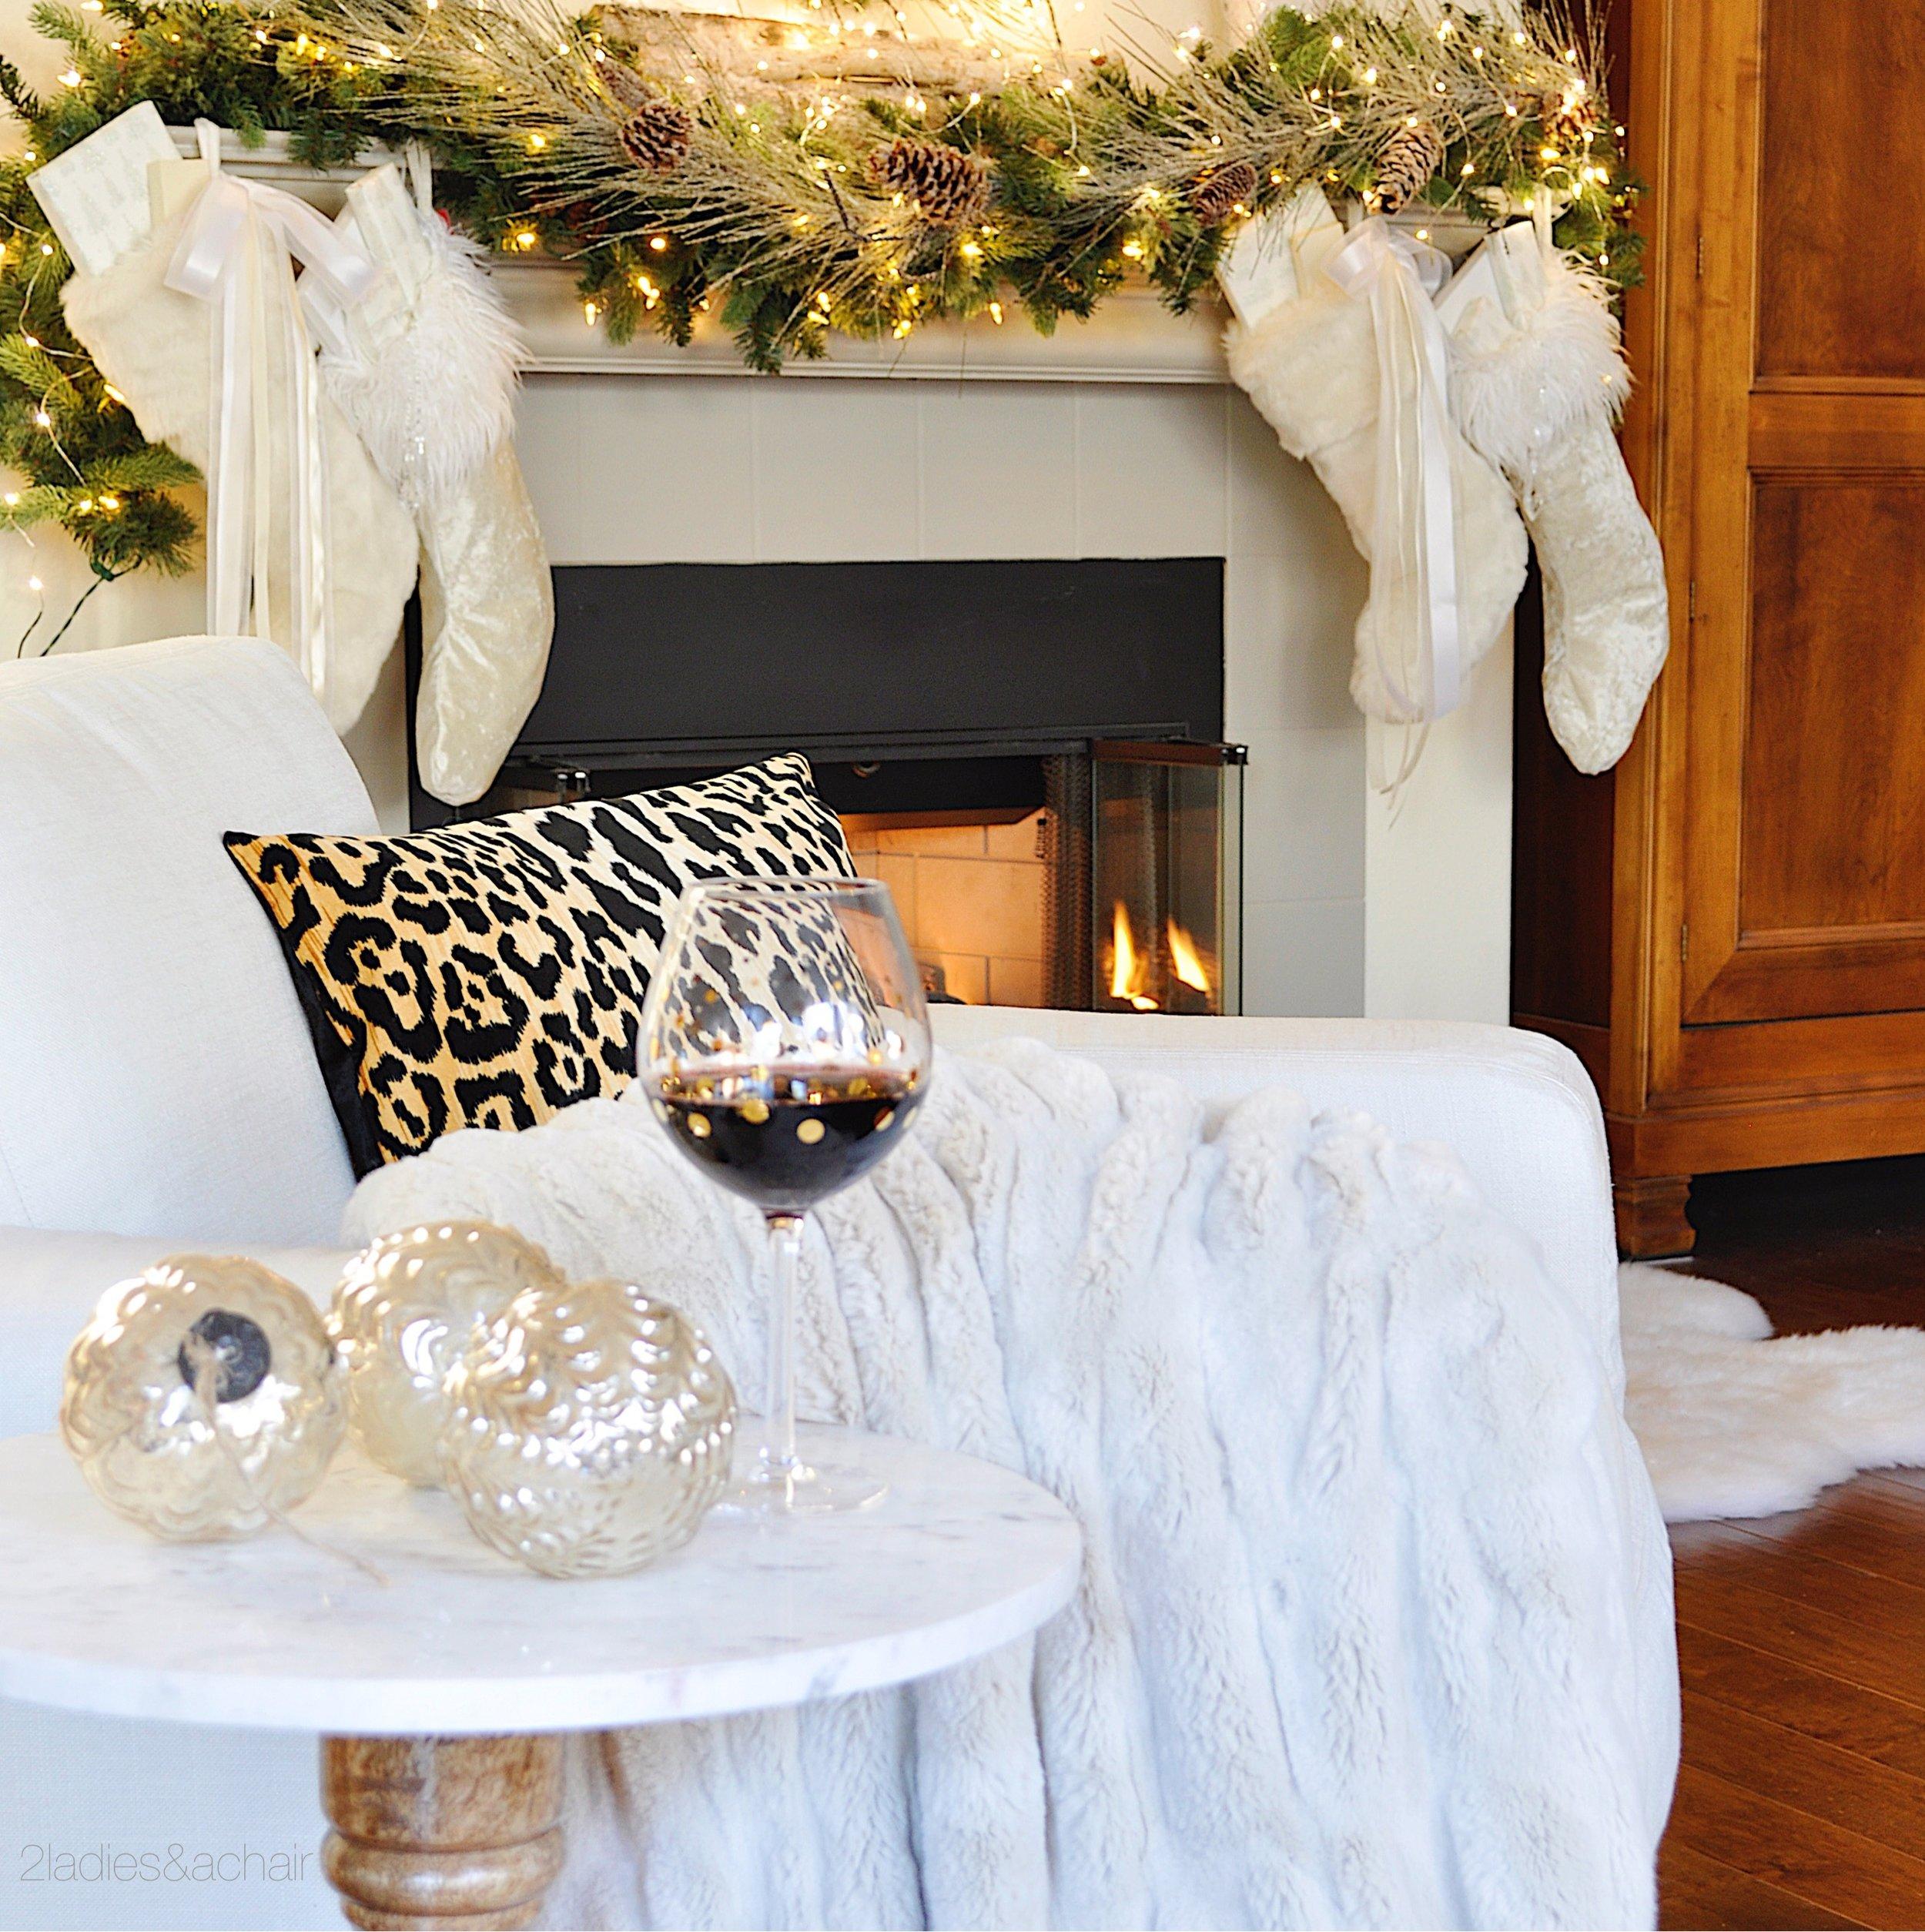 christmas home decorating IMG_8615.JPG